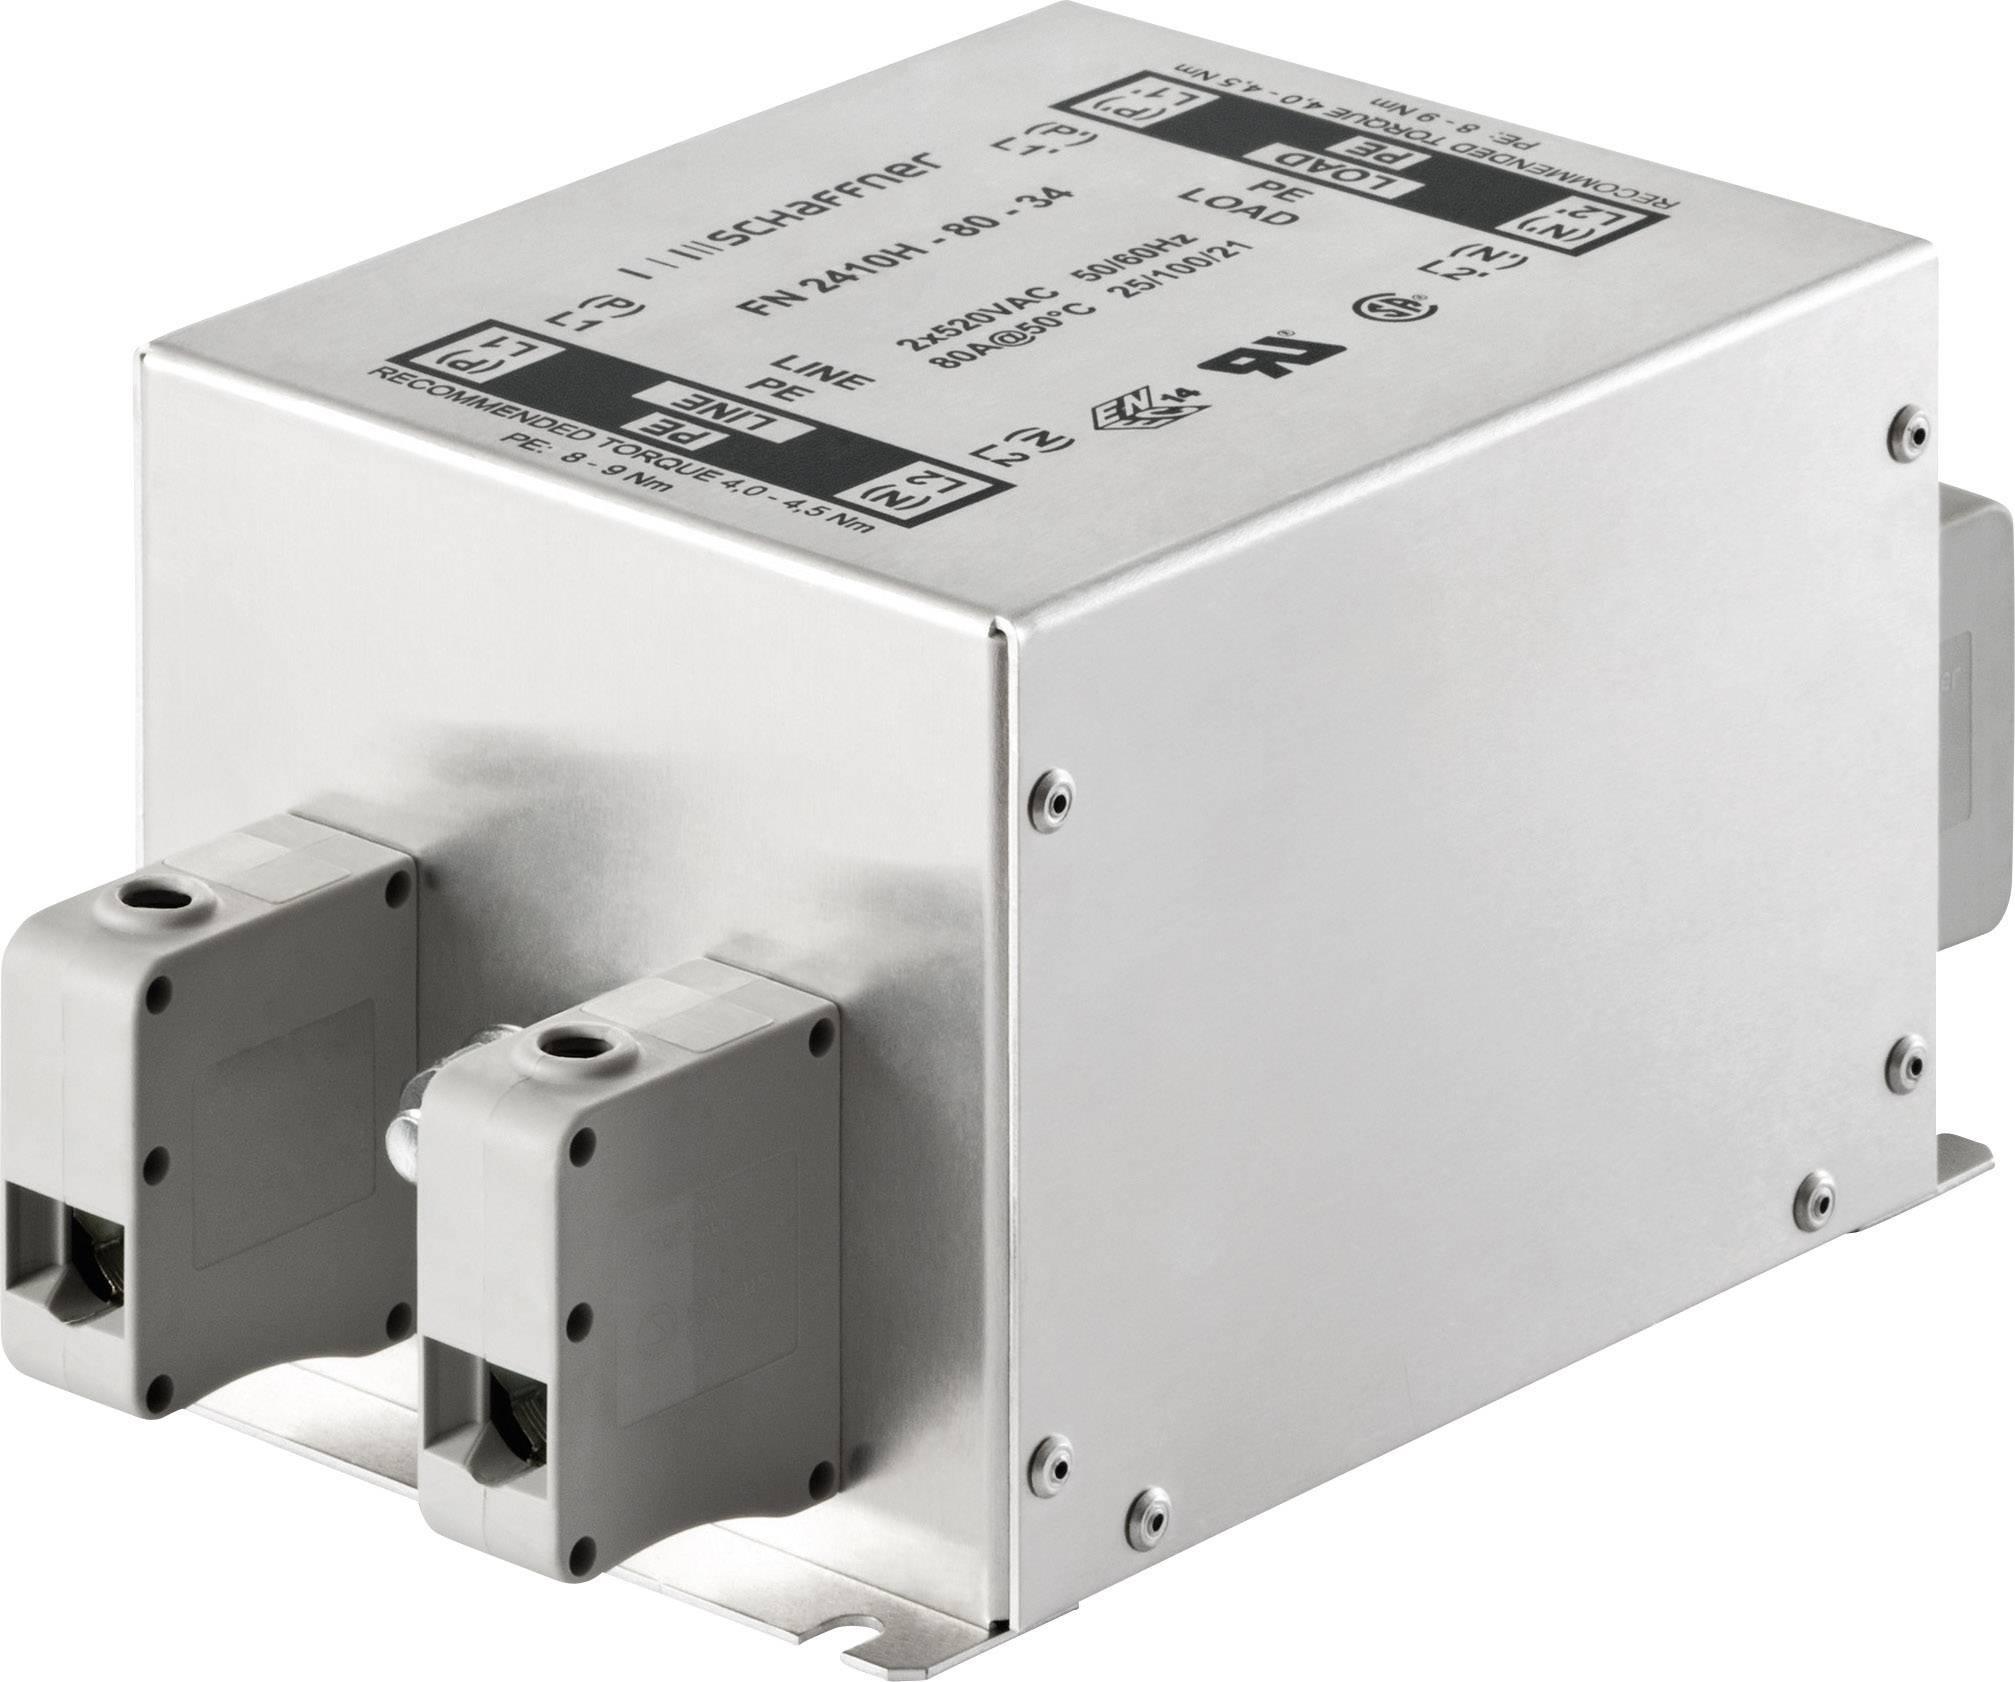 Odrušovací filter Schaffner FN2410H-25-33 FN2410H-25-33, 300 V/AC, 520 V/AC, 25 A, (d x š x v) 130 x 93 x 76 mm, 1 ks